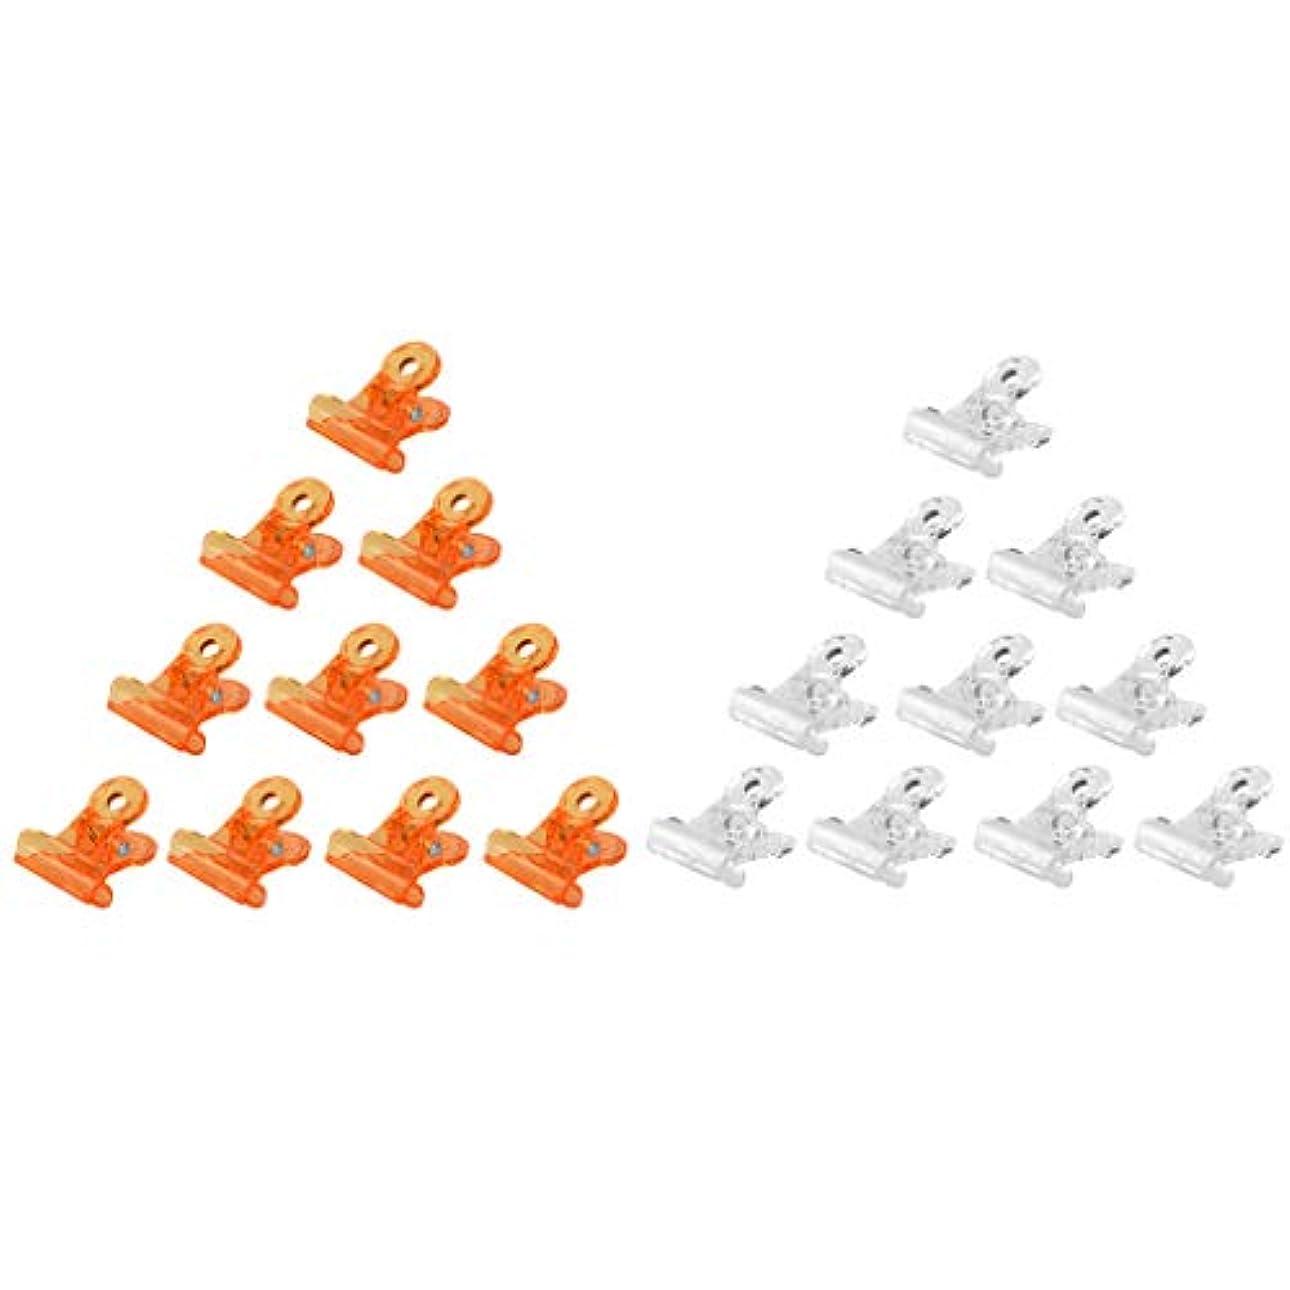 ポインタ経由での配列T TOOYFUL ネイルポリッシュ リムーバークリップ アクリル ネイルクリップ ネイルケアツール 全3種 - オレンジ+クリア